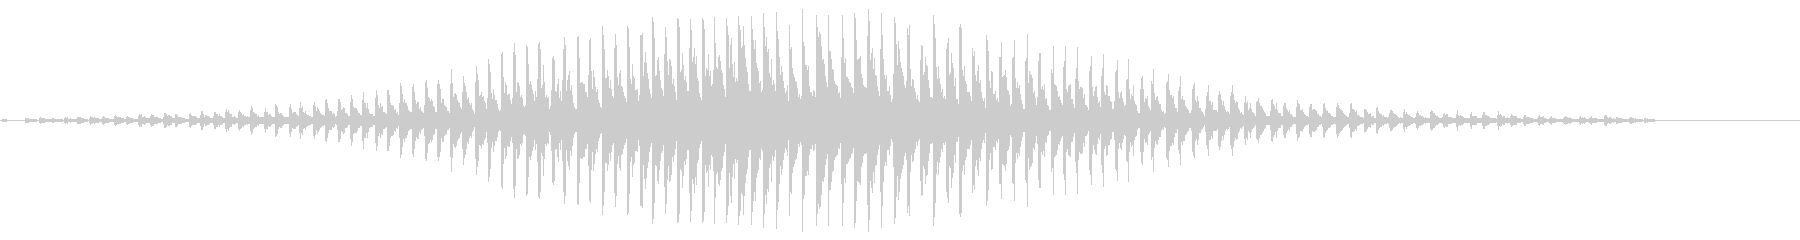 スネアドラム:クレッシェンドロール...の未再生の波形